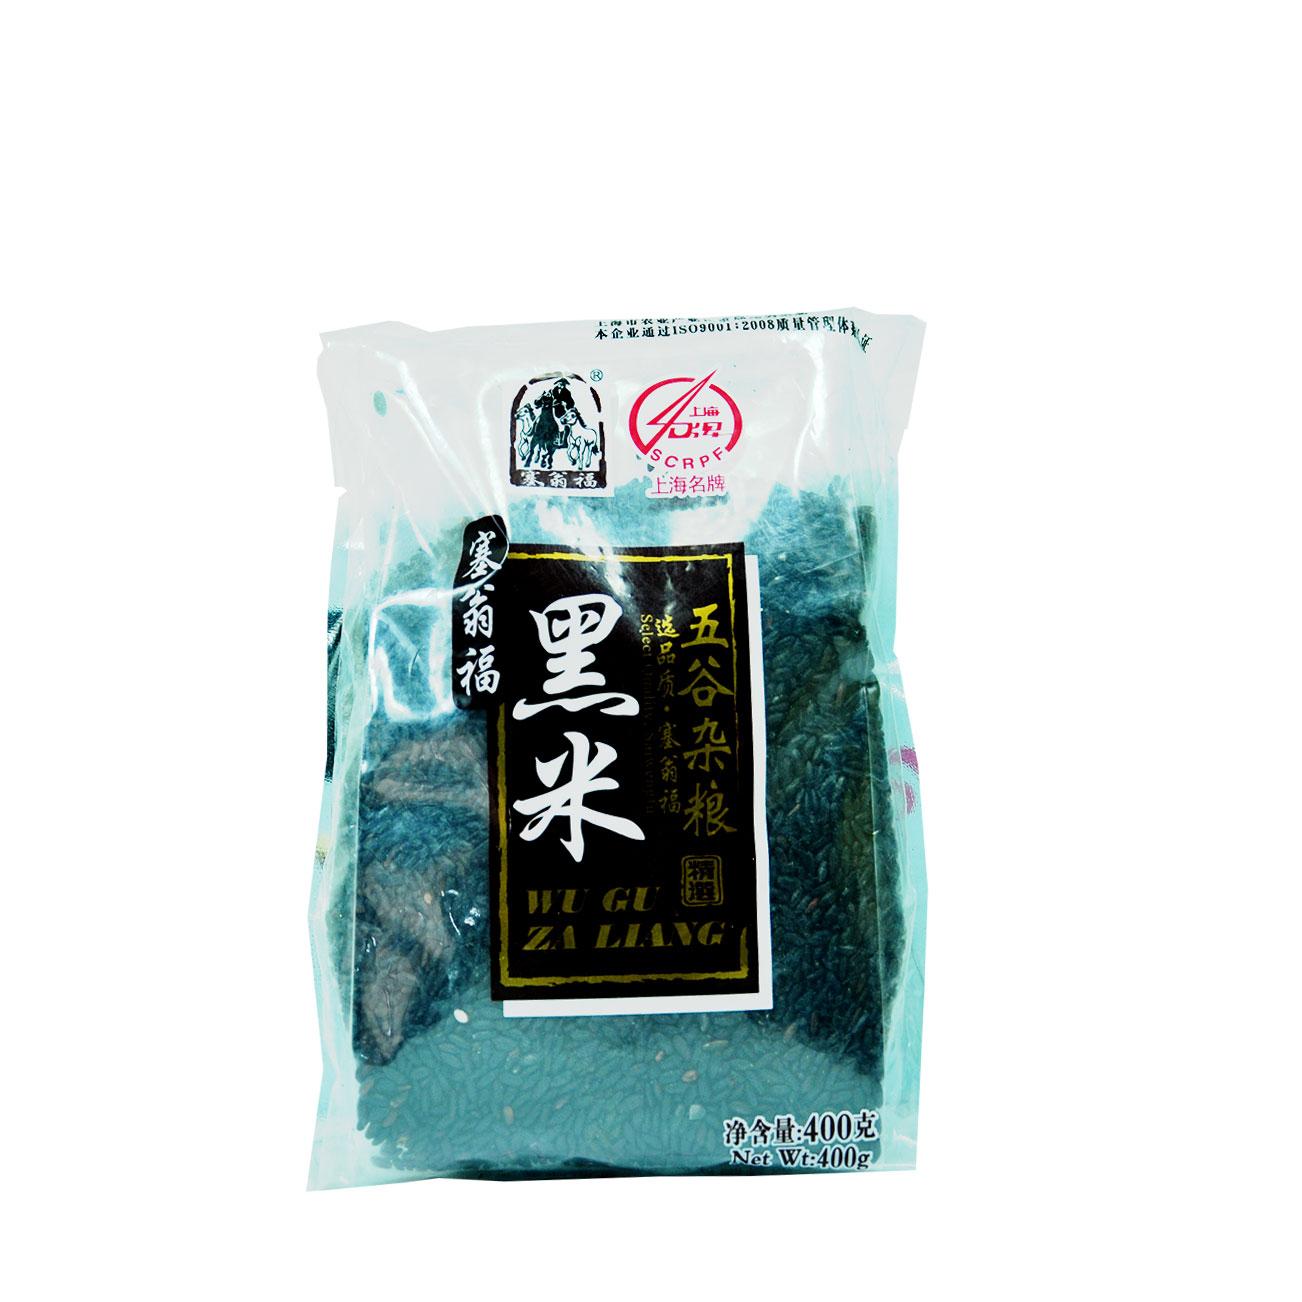 برنج سیاه وحشی ژاپنی